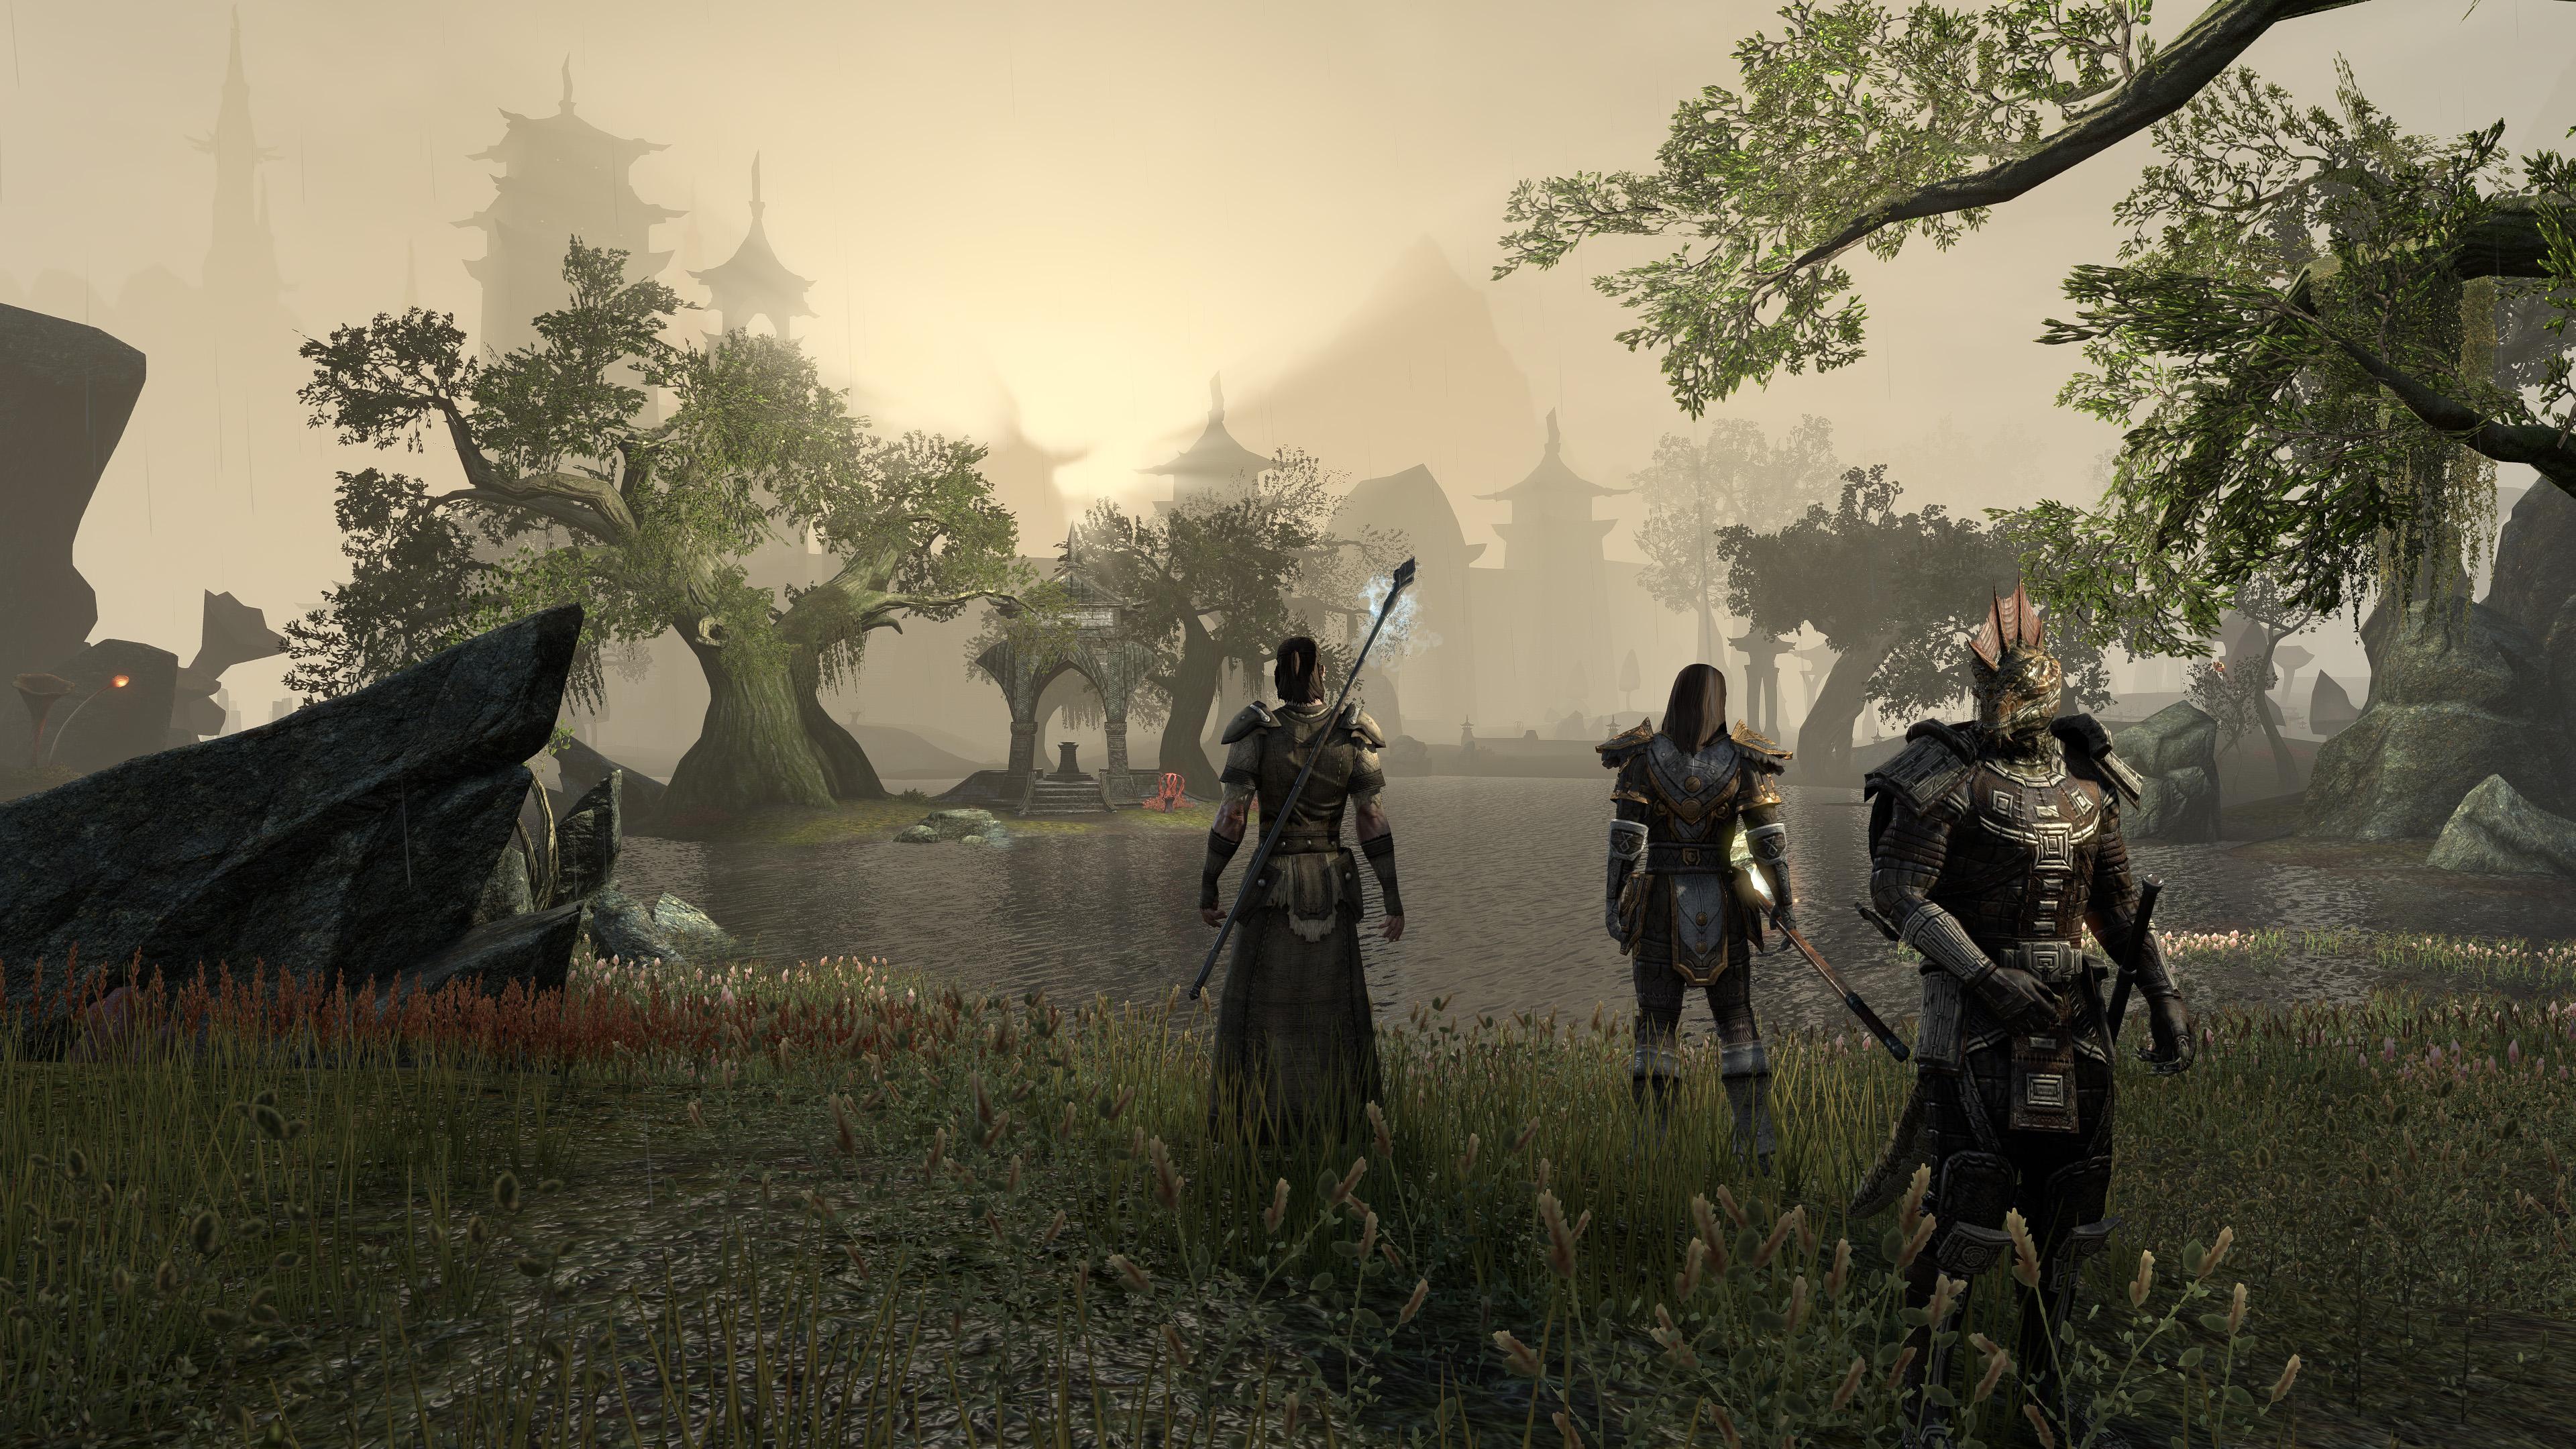 The Elder Scrolls Online dejará el modelo de subscripción y anuncia llegada a consolas [Trailer]